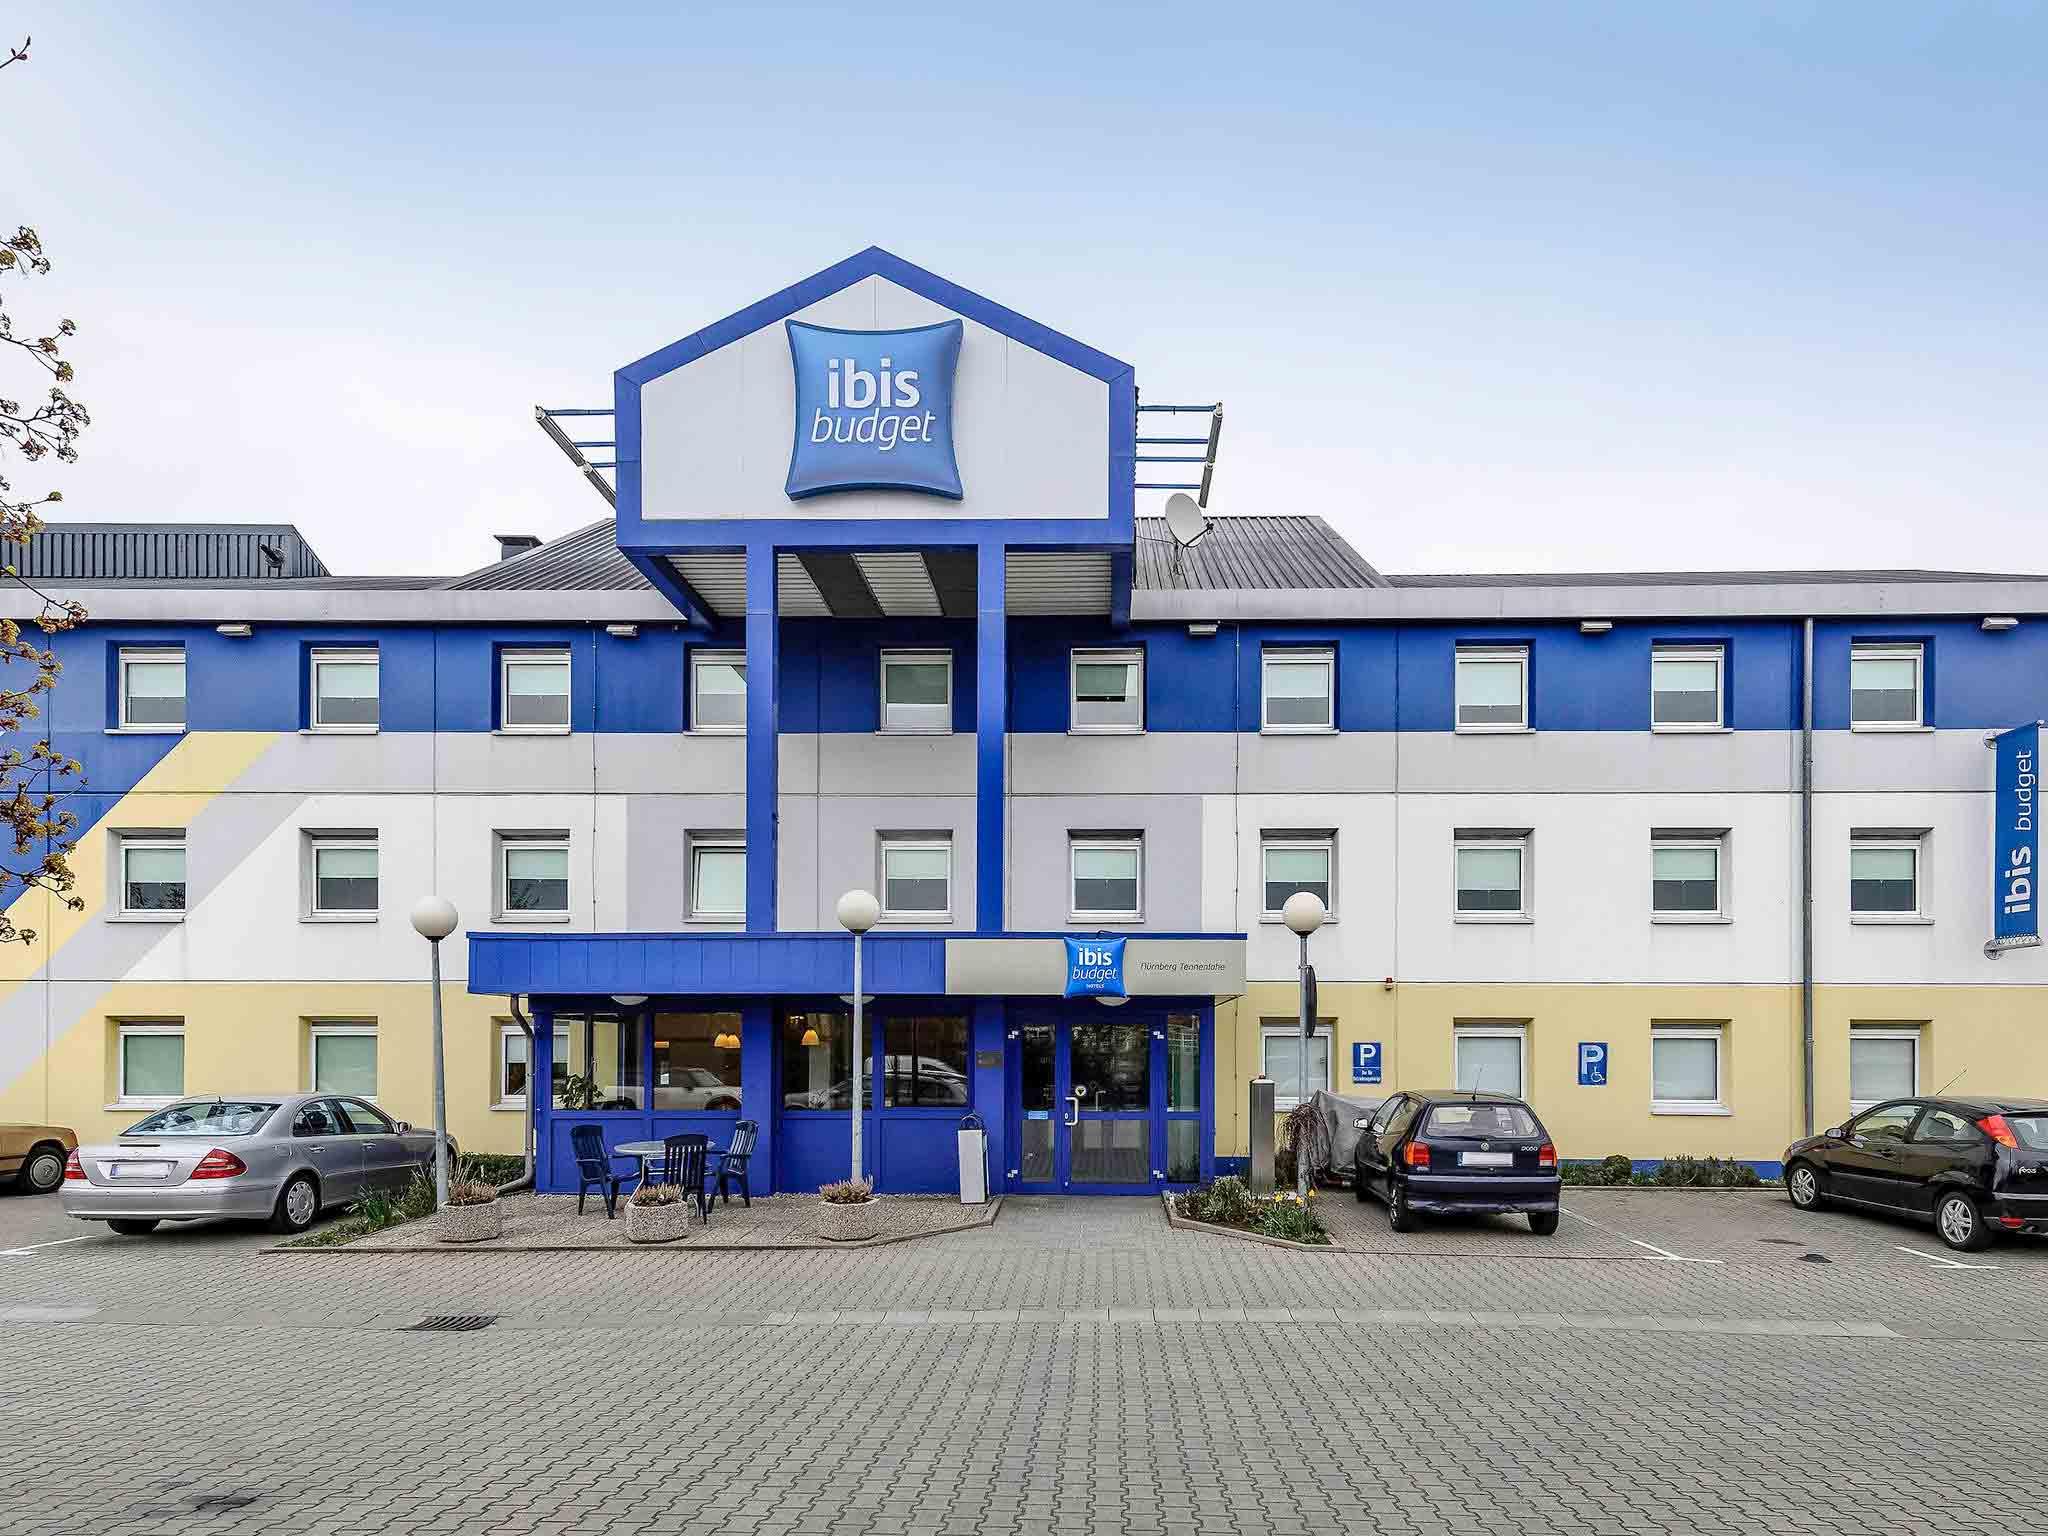 Hotel - ibis budget Nuernberg Tennenlohe